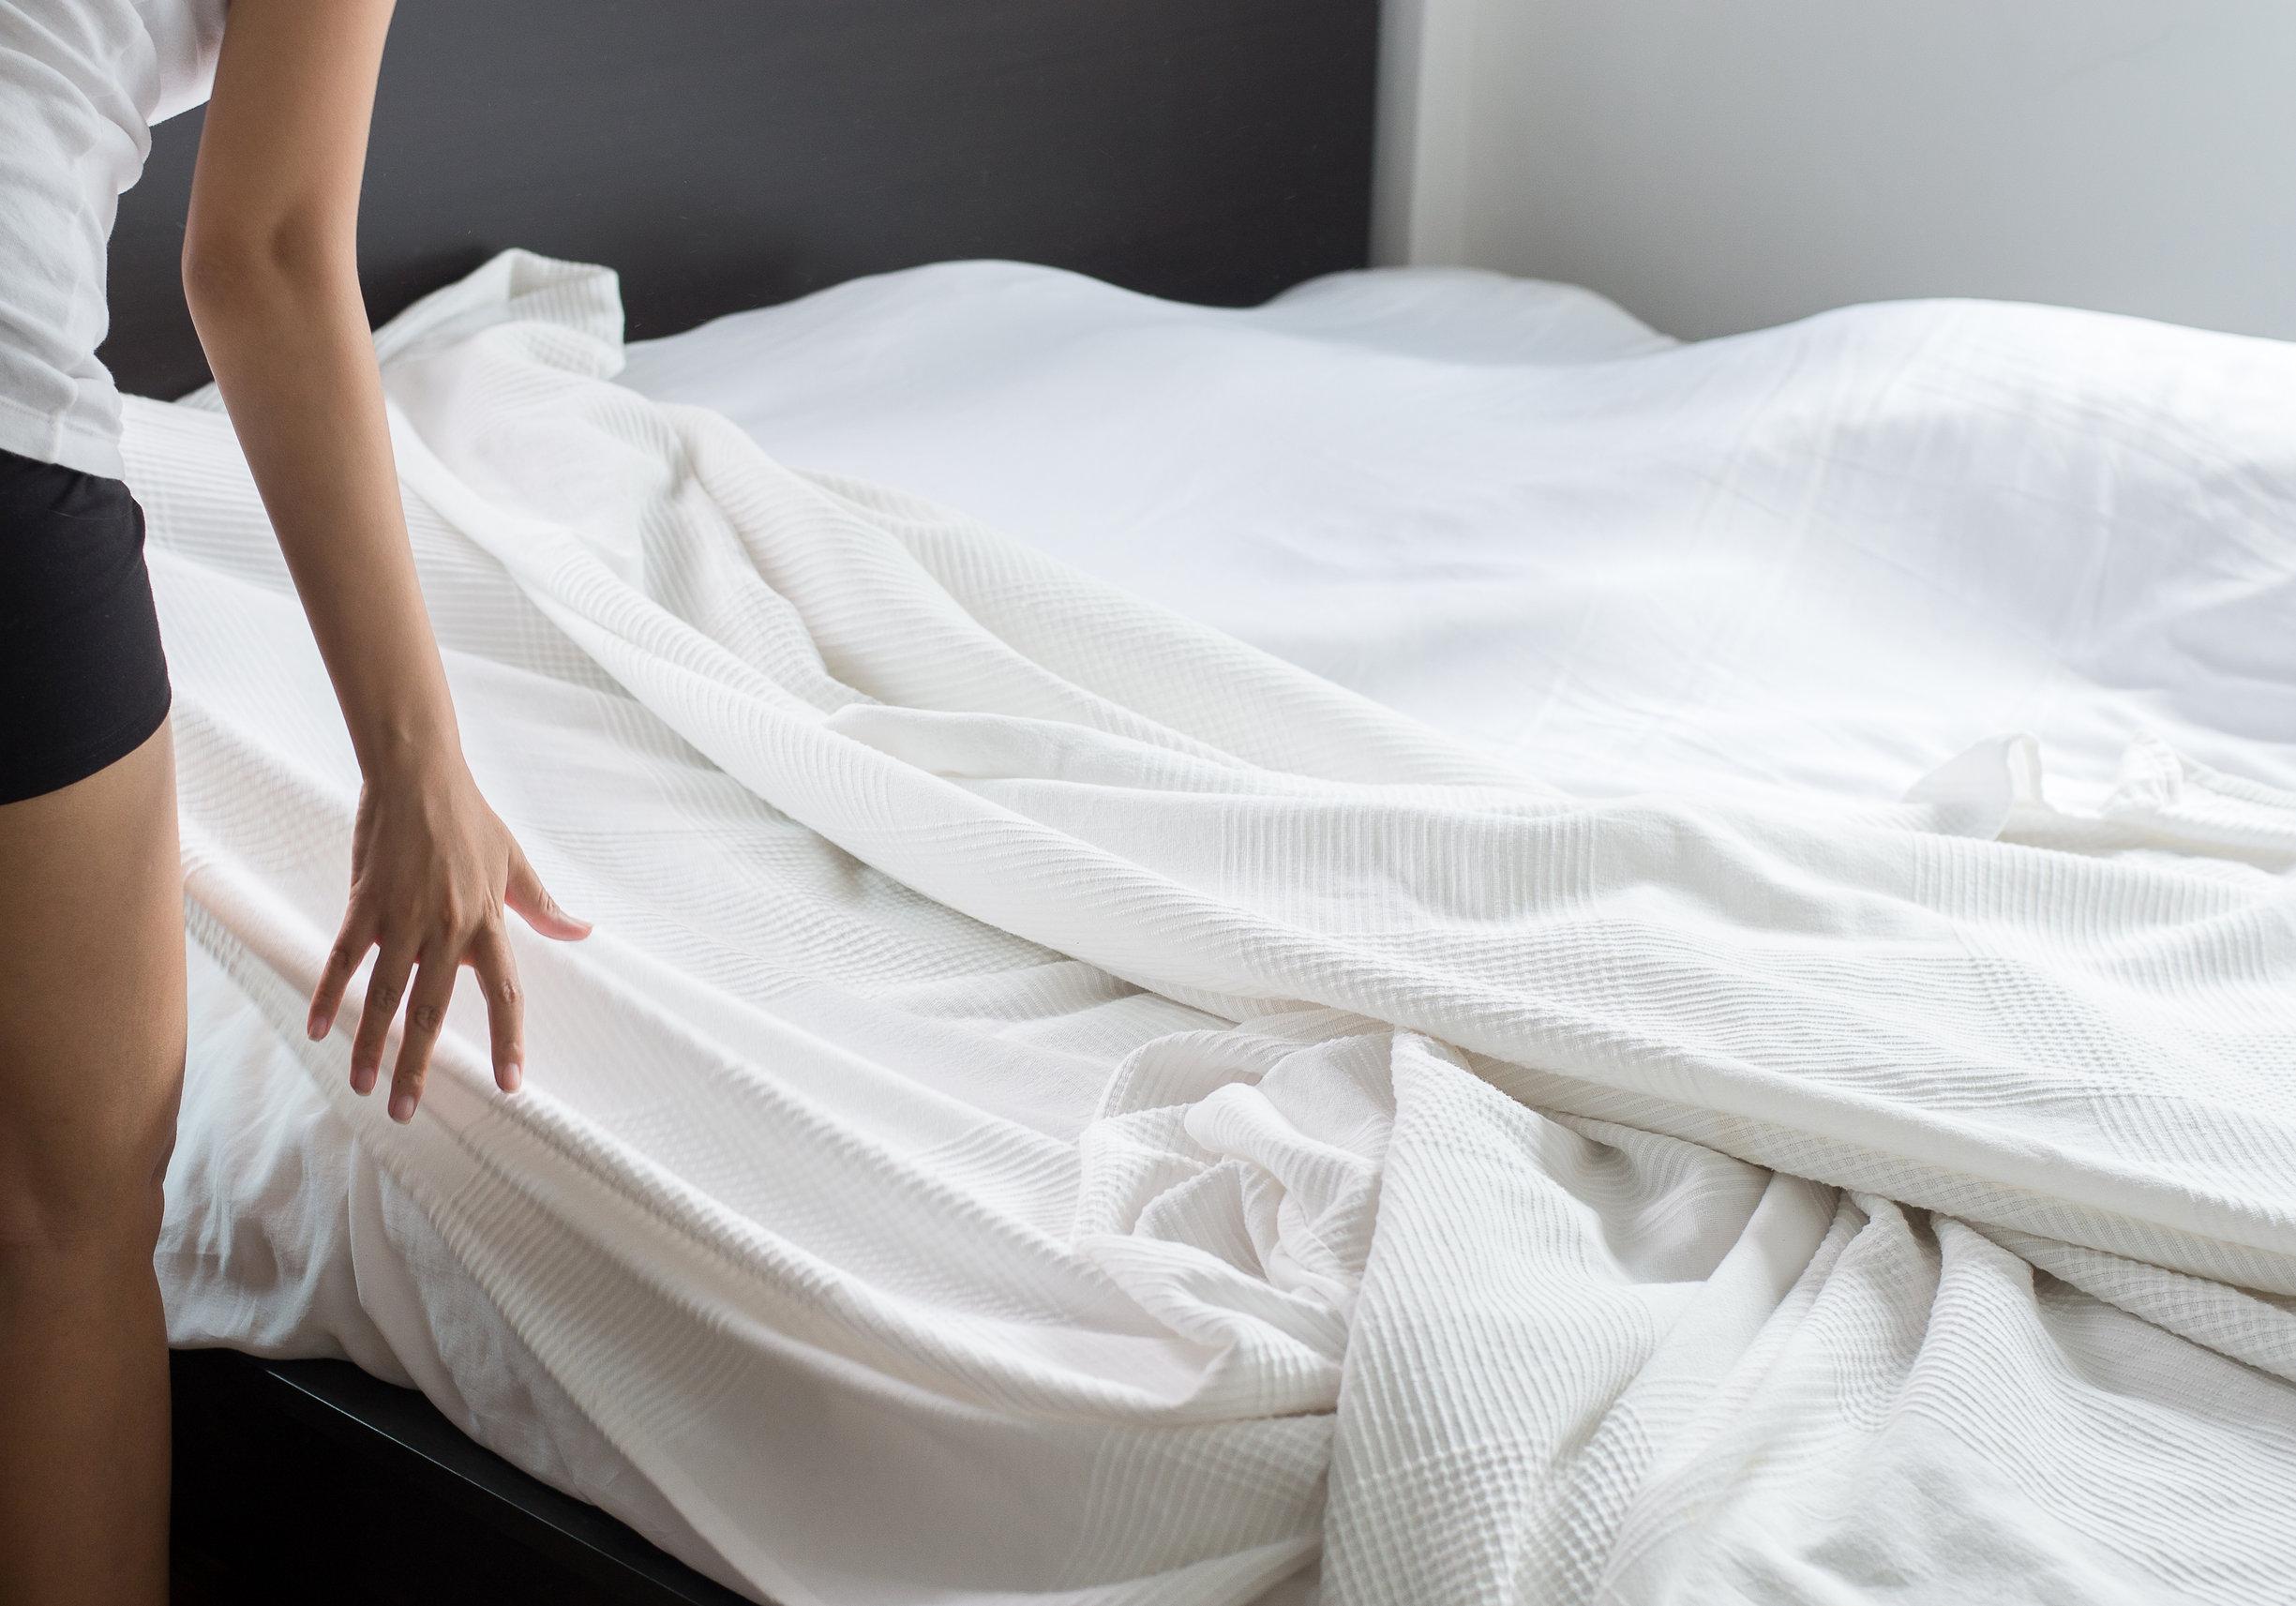 Mujer haciendo su cama en la habitación después de despertarse